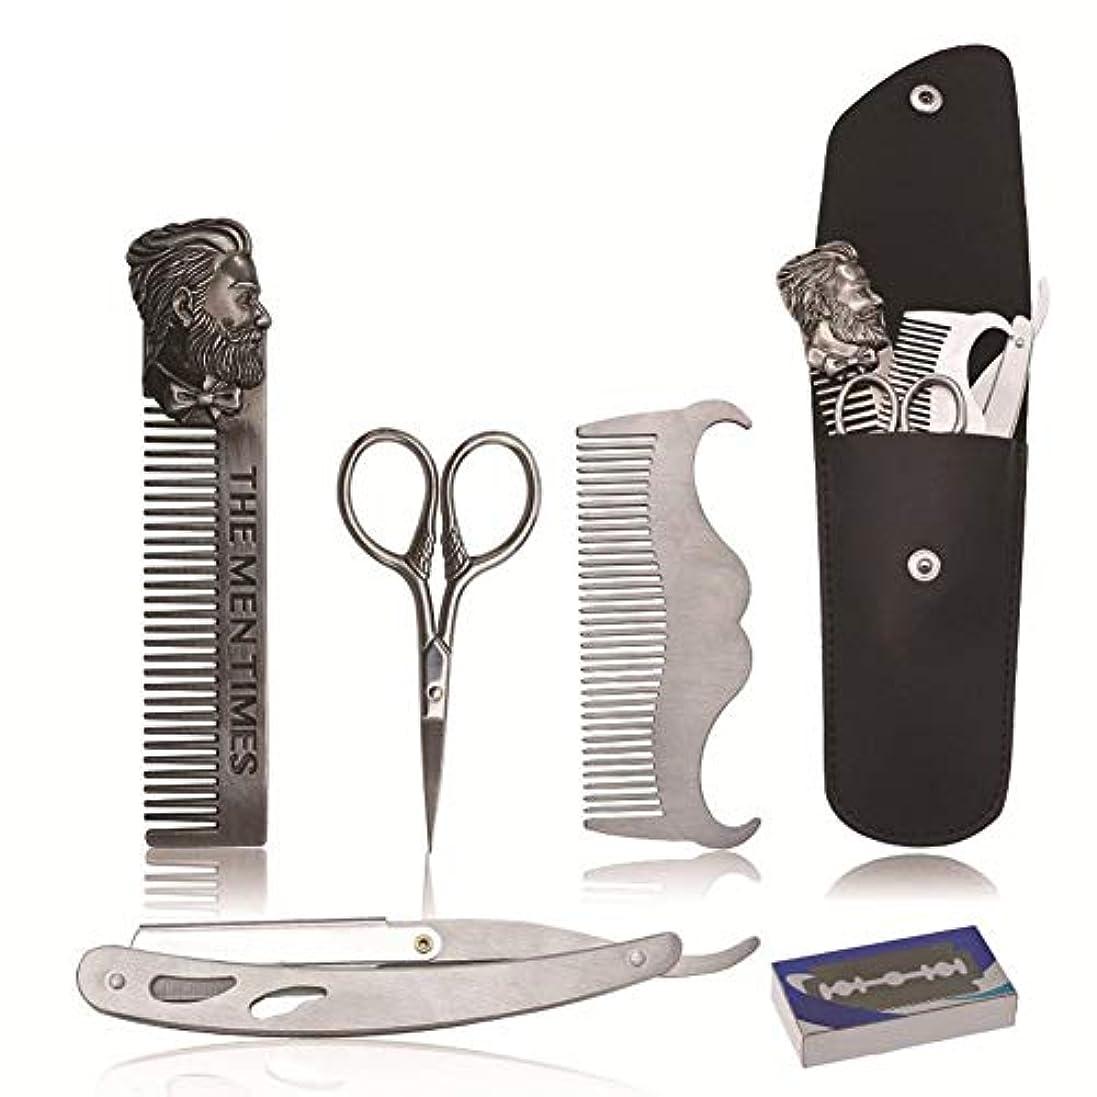 風が強い閉塞シャトル5ピースは、男性Barttrimmsetのひげについてバートケアセットを設定すると、ひげの櫛ステンレス鋼、バートステンシルトリムスタイリングツール、ひげコムBartpflegesetを剃ります